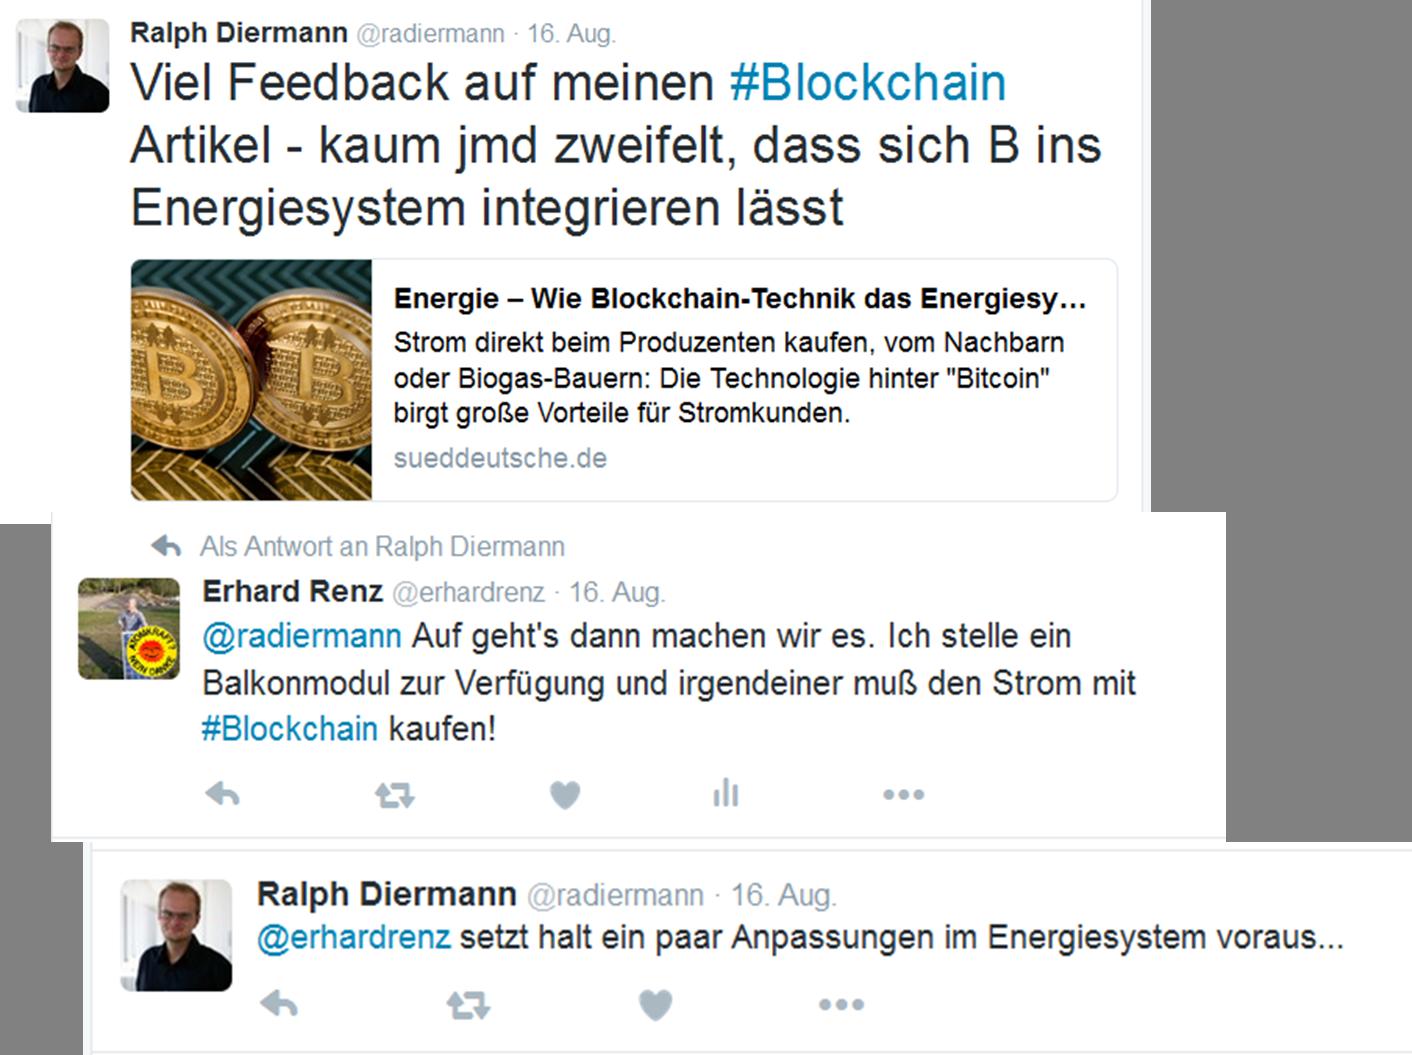 Blogchain Twitter